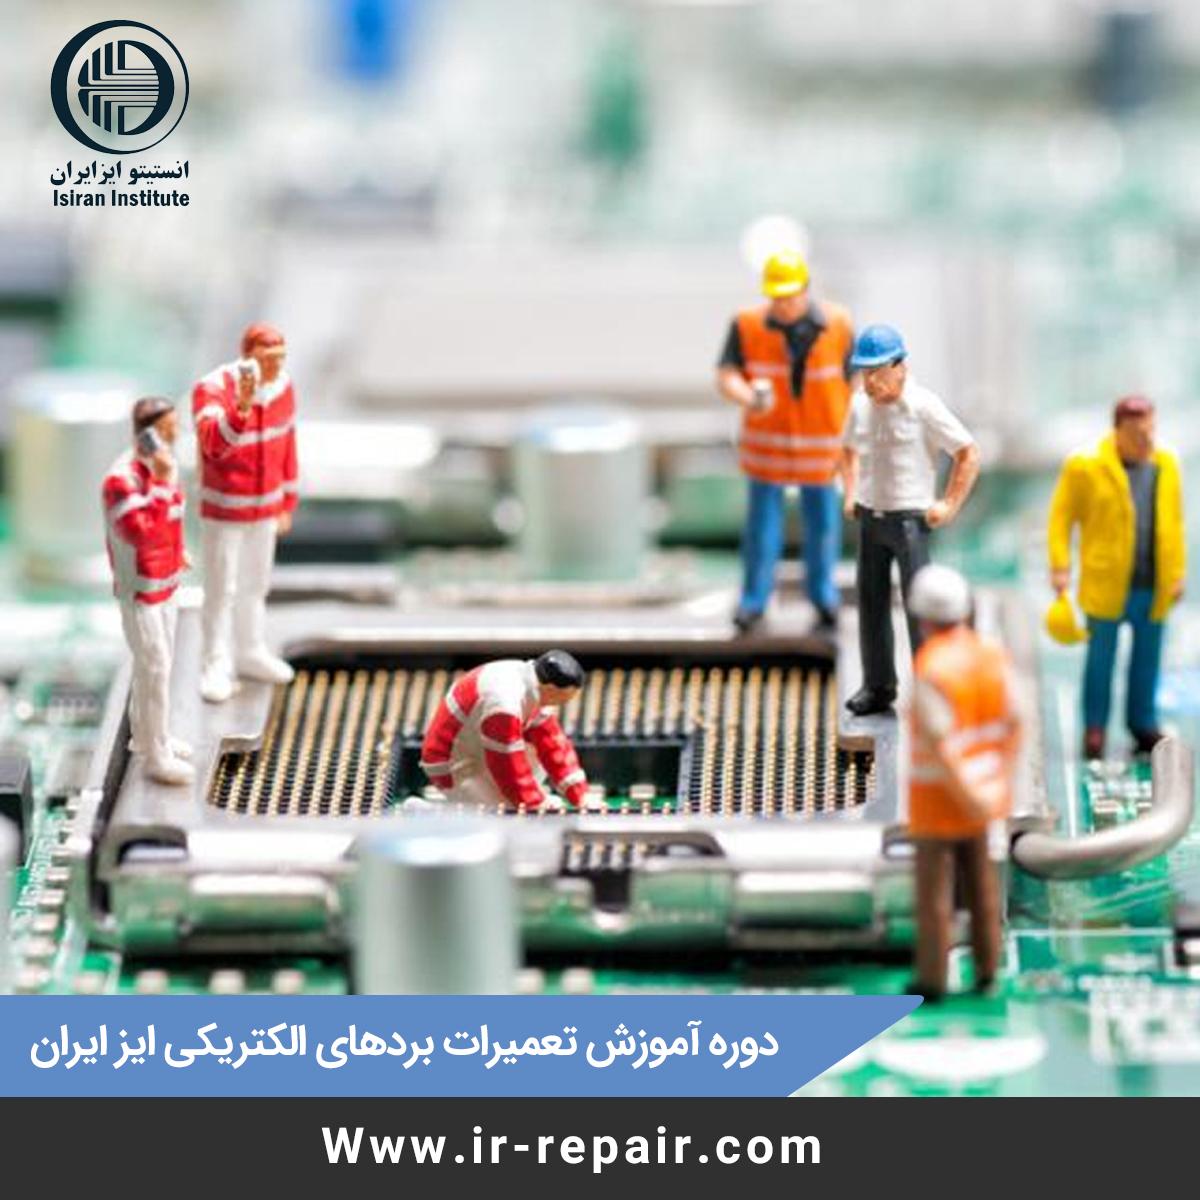 آموزش تعمیرات بردهای الکترونیکی آموزش تعمیرات لوازم خانگی انستیتو ایز ایران آموزشگاه تعمیرات برد   آموزش تعمیرات برد های الکتریکی   آموزش تعمیرات بردهای الکترونیکی